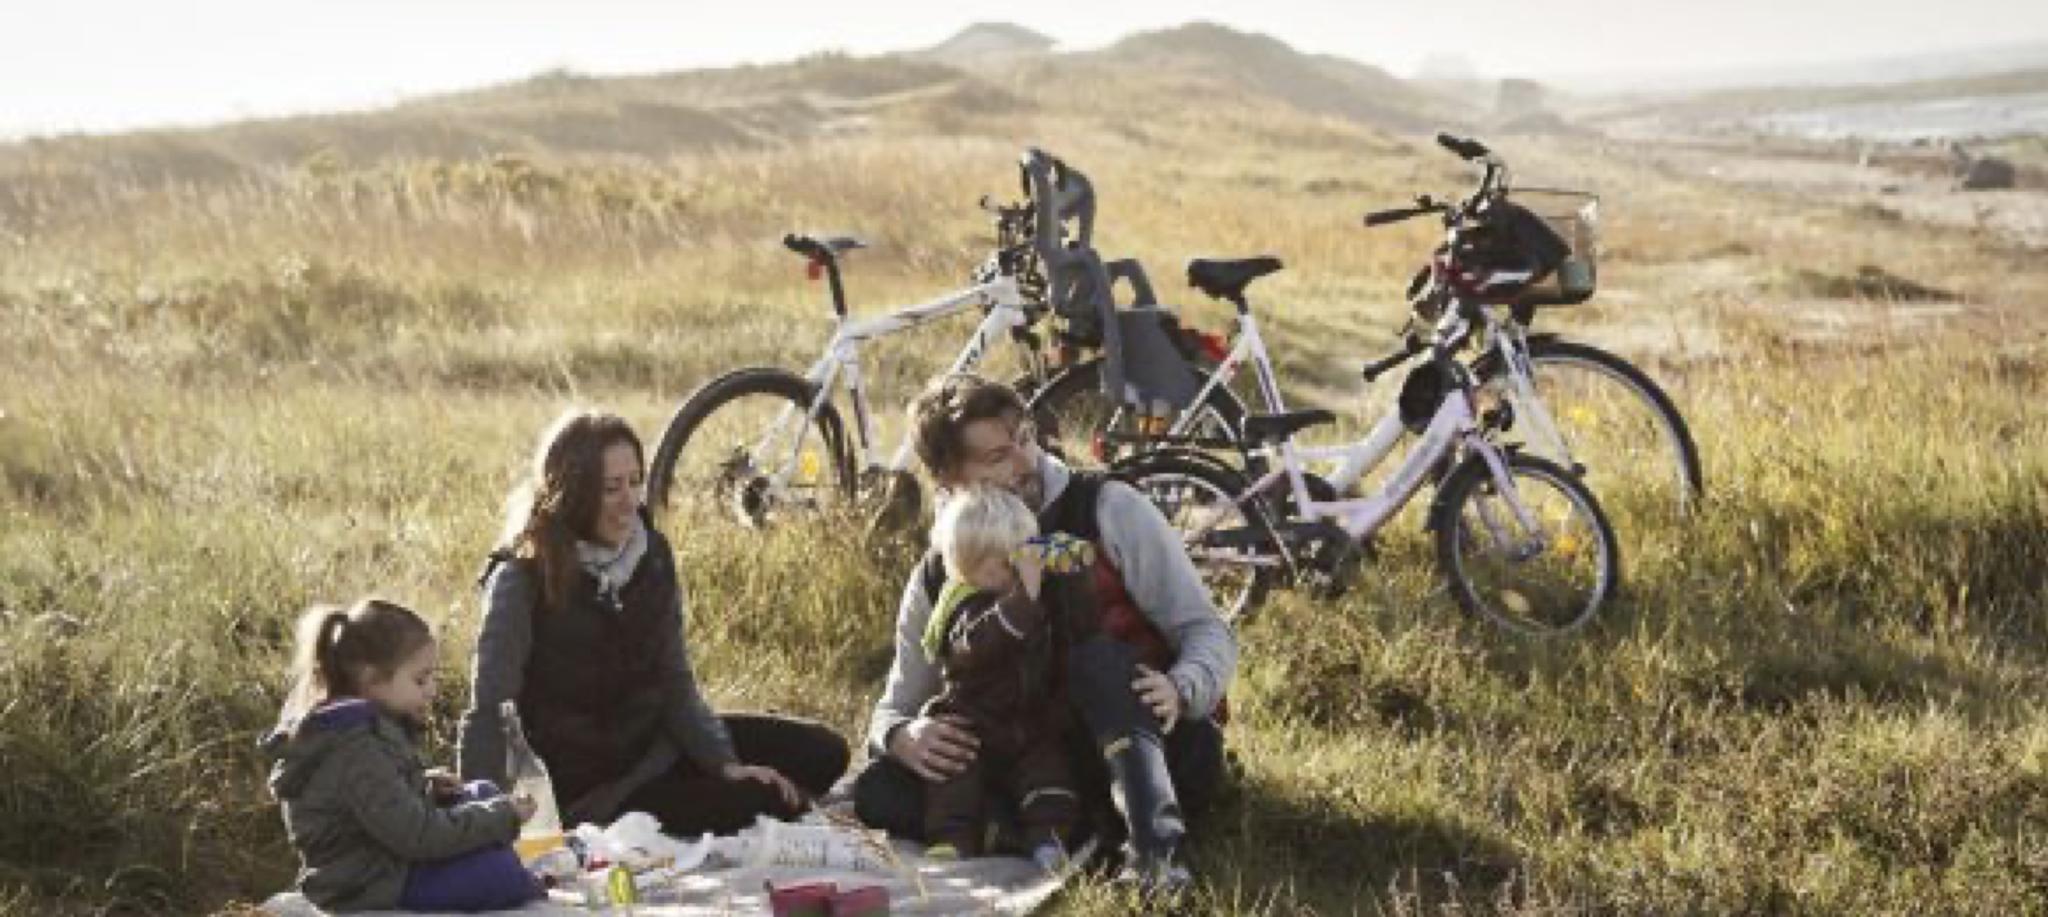 Radtouren durch den Nationalpark.